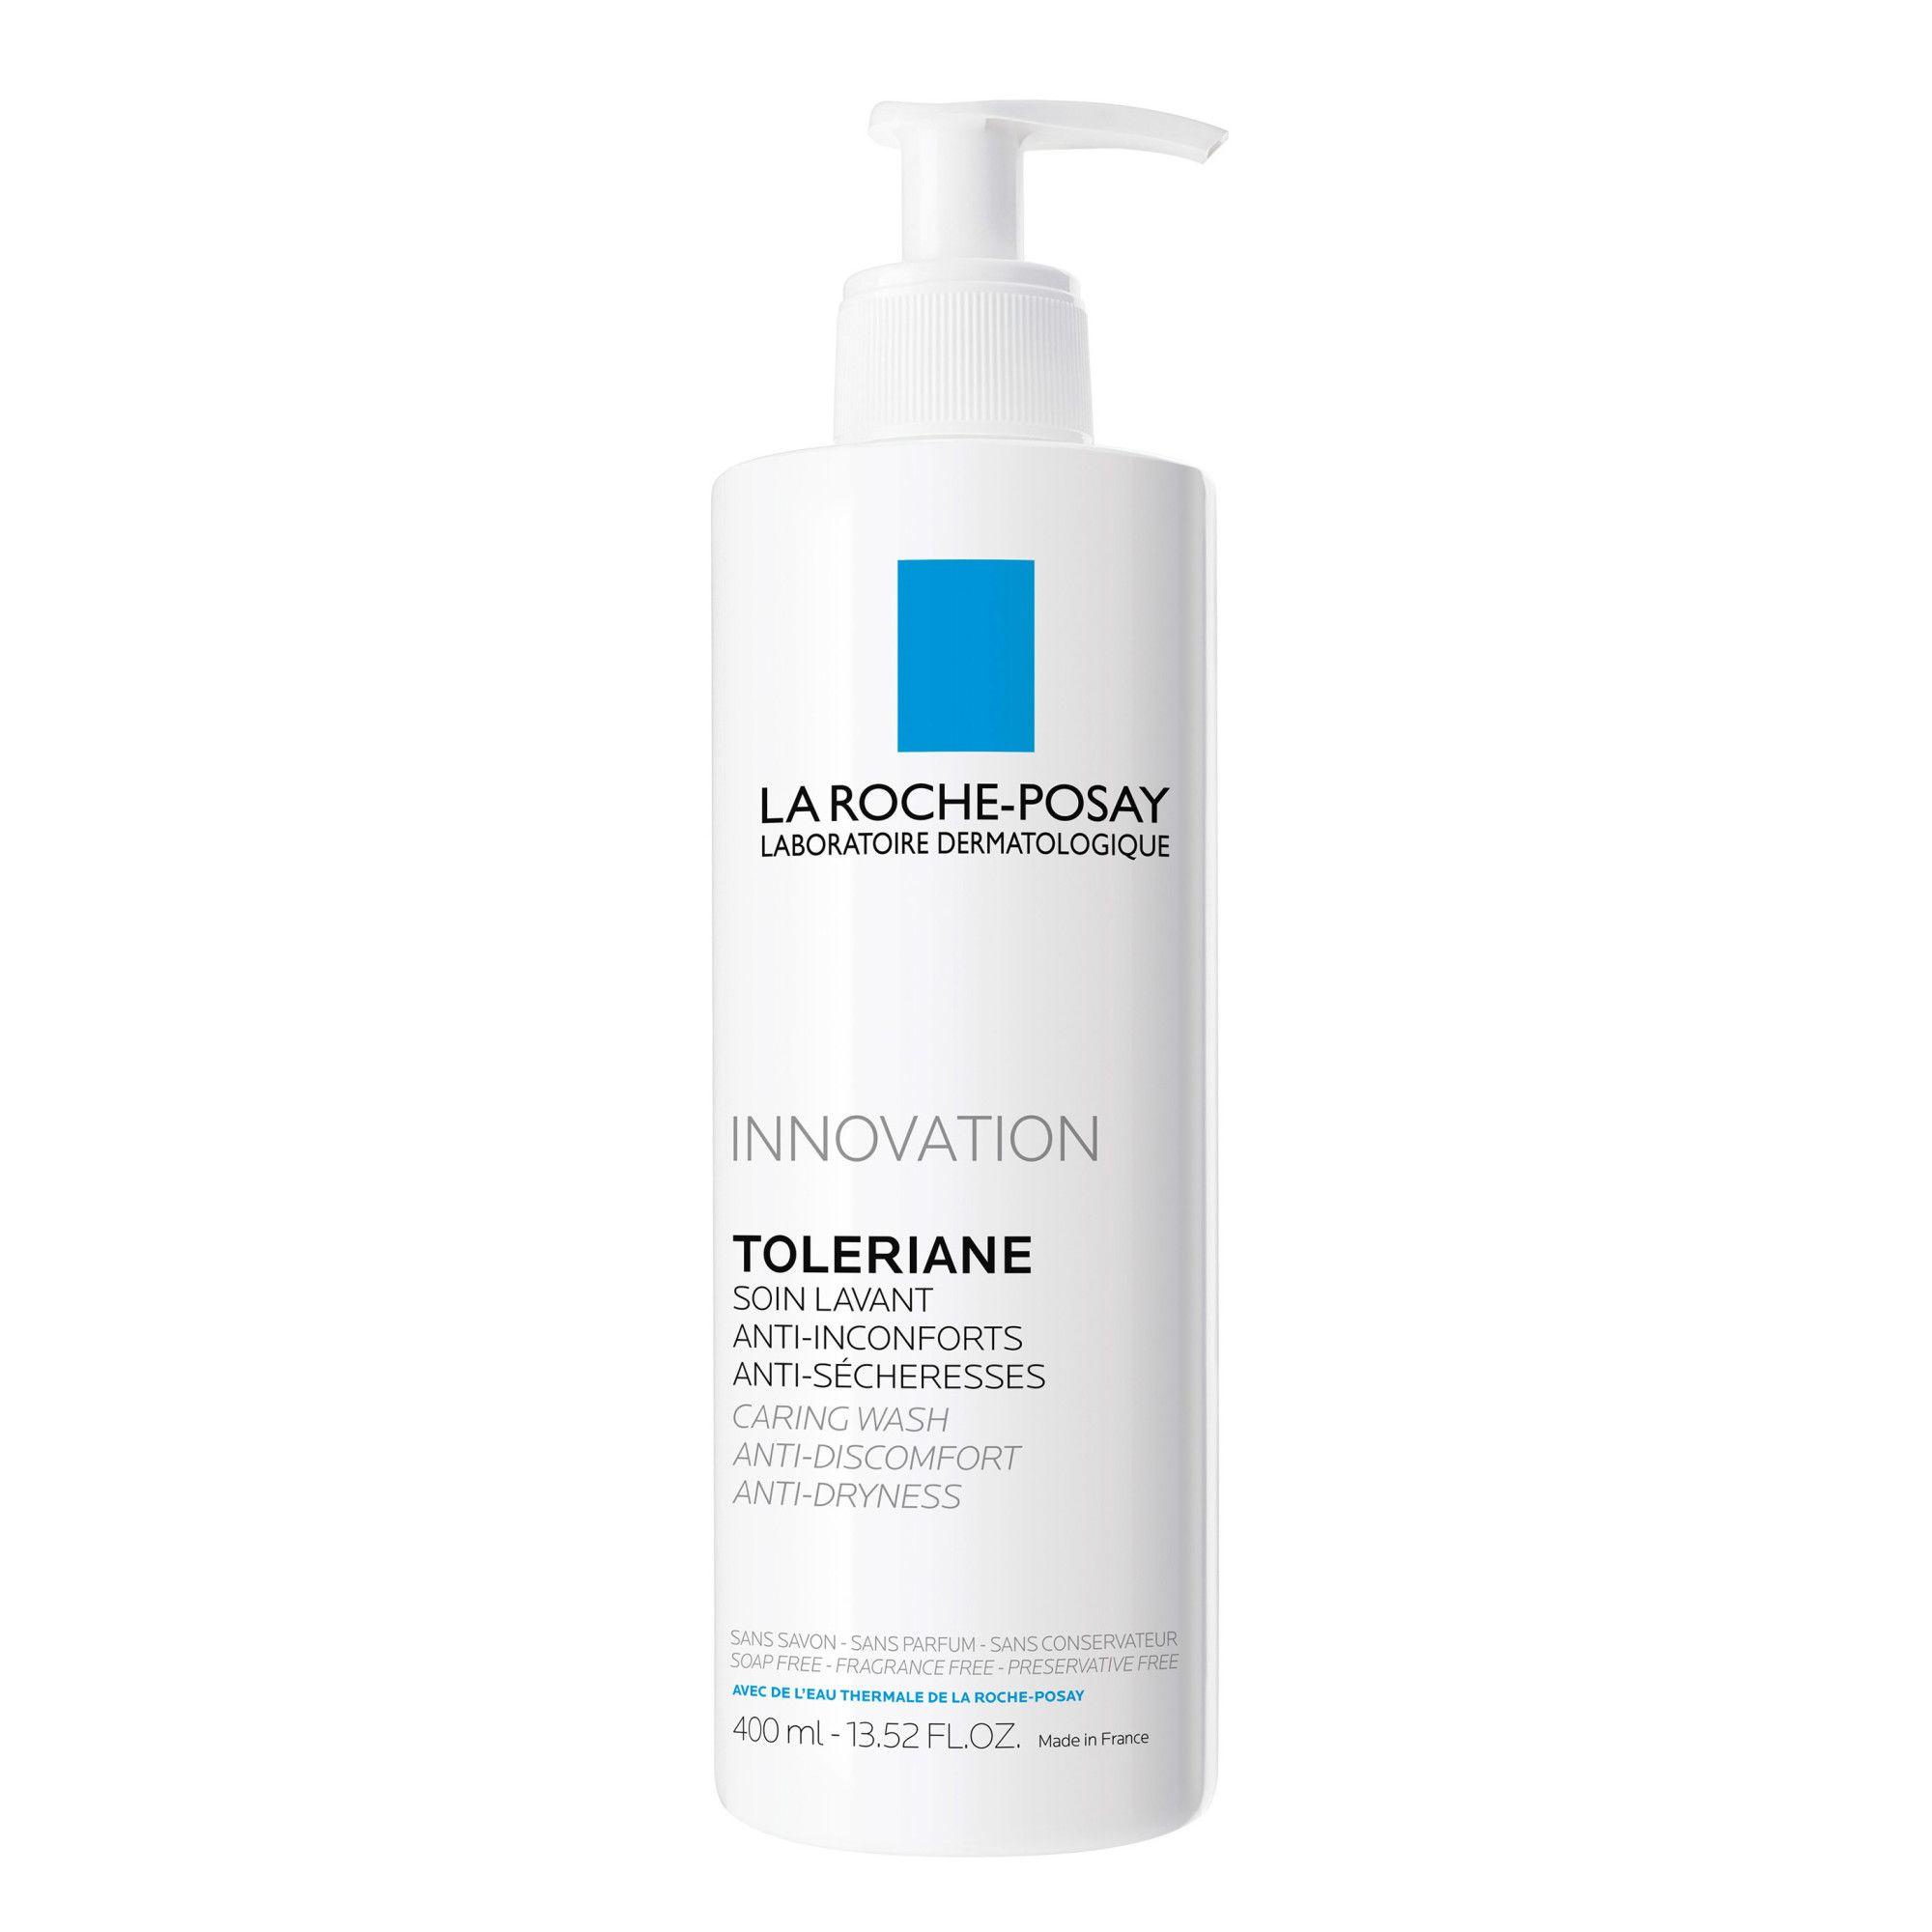 Cremă de spălare pentru față Toleriane, 400 ml, La Roche-Posay